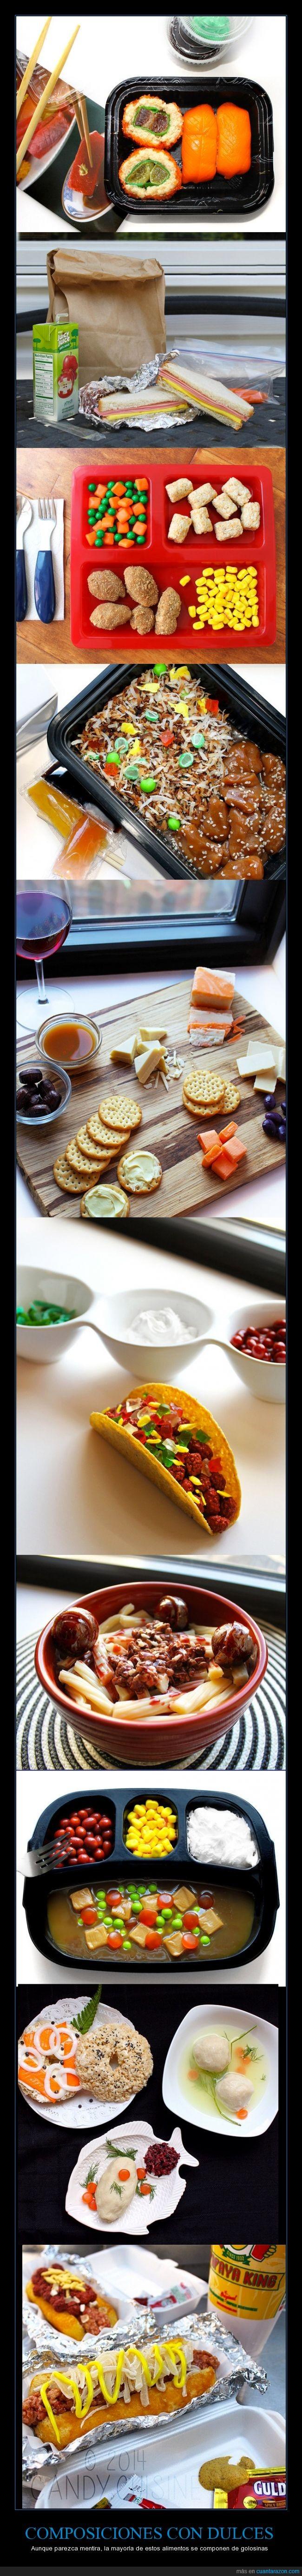 chucherias,chuches,comida,curioso,fotografia,pasta,perrito caliente,queso,sushi,taco